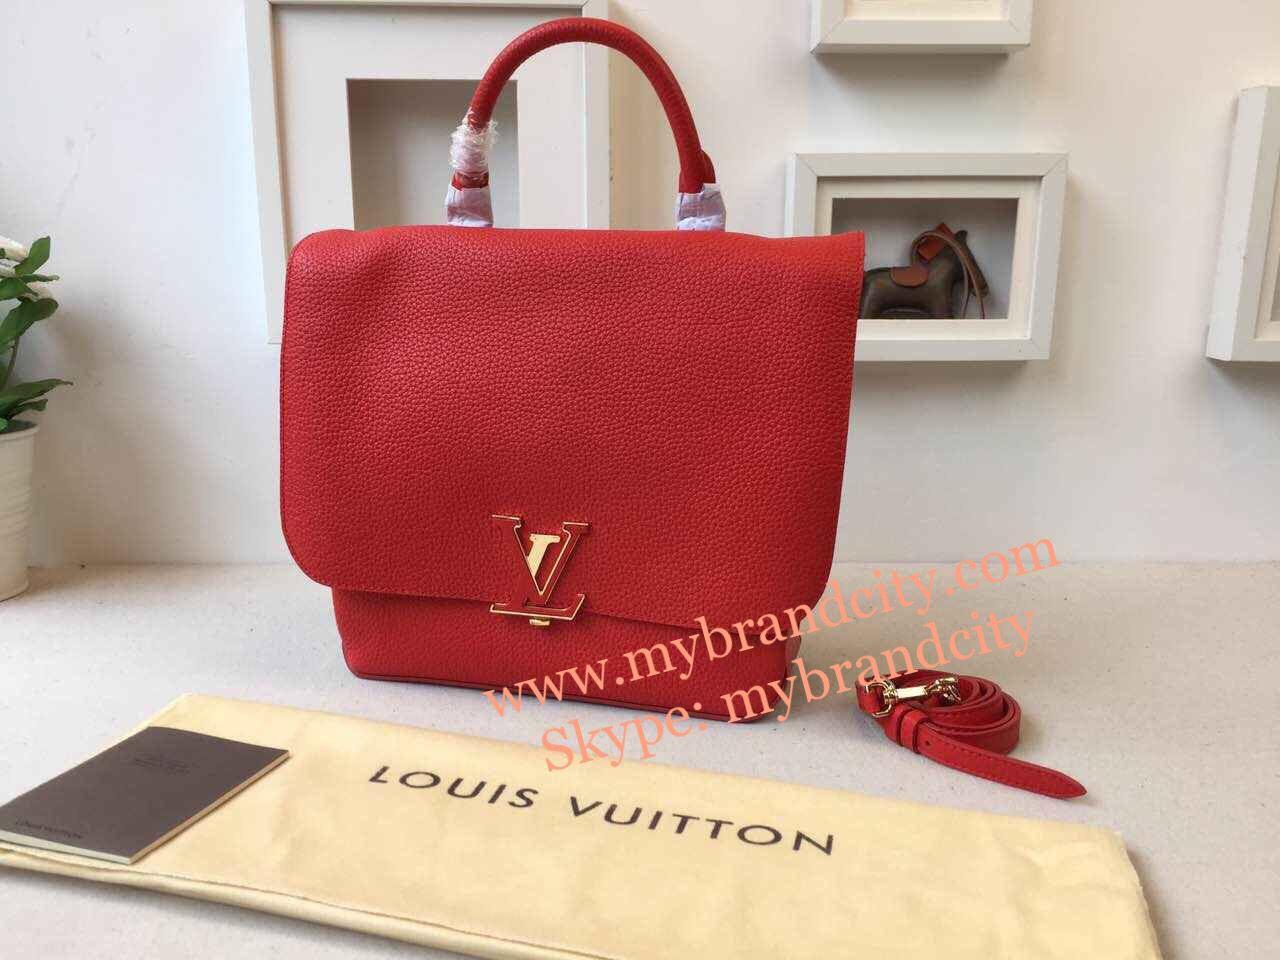 Lv Volta Purse Handbags The Ever Best Quality Replica At Mybrandcity Online